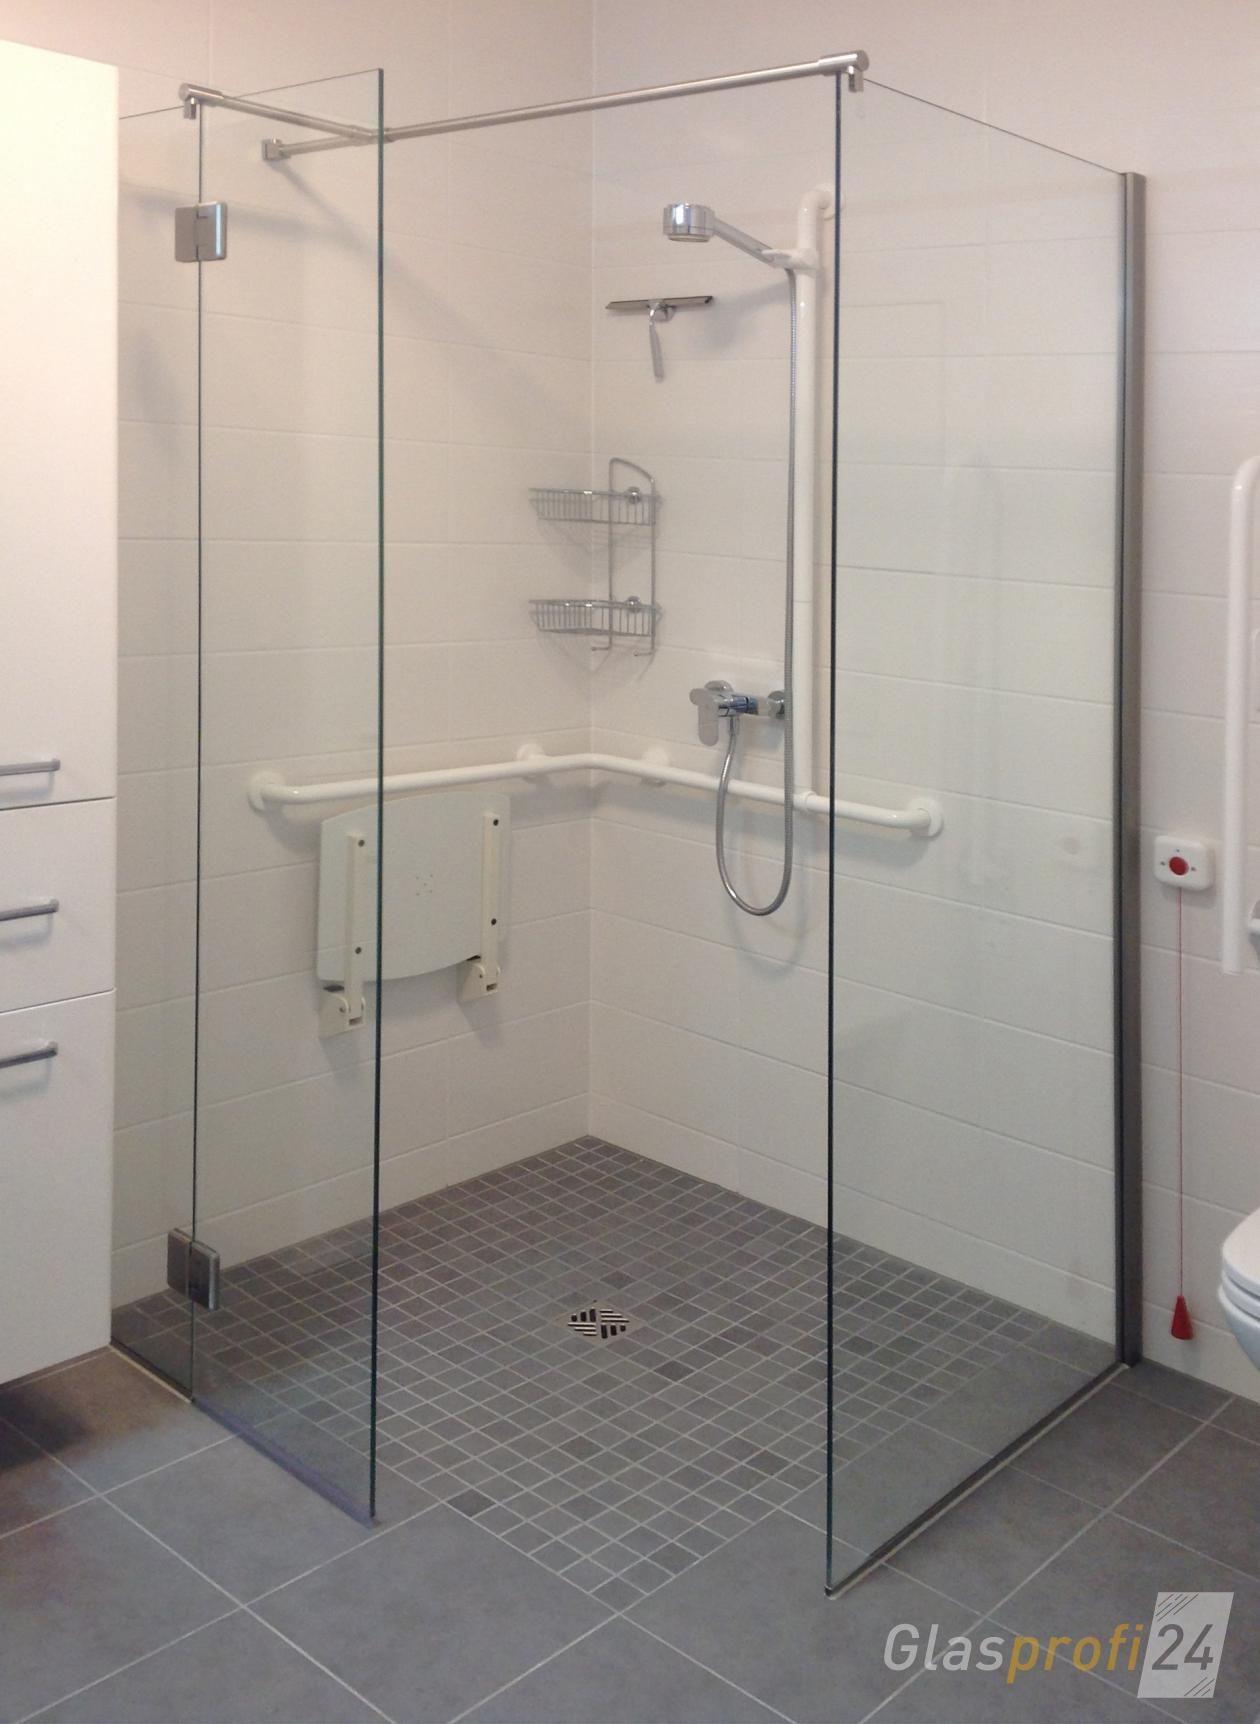 Full Size of Ebenerdige Dusche Mit V2a Beschlgen Begehbare Ebenerdig Walkin Nischentür Hüppe Duschen Glastrennwand Bodengleich Breuer Mischbatterie Badewanne Tür Und Dusche Dusche Ebenerdig